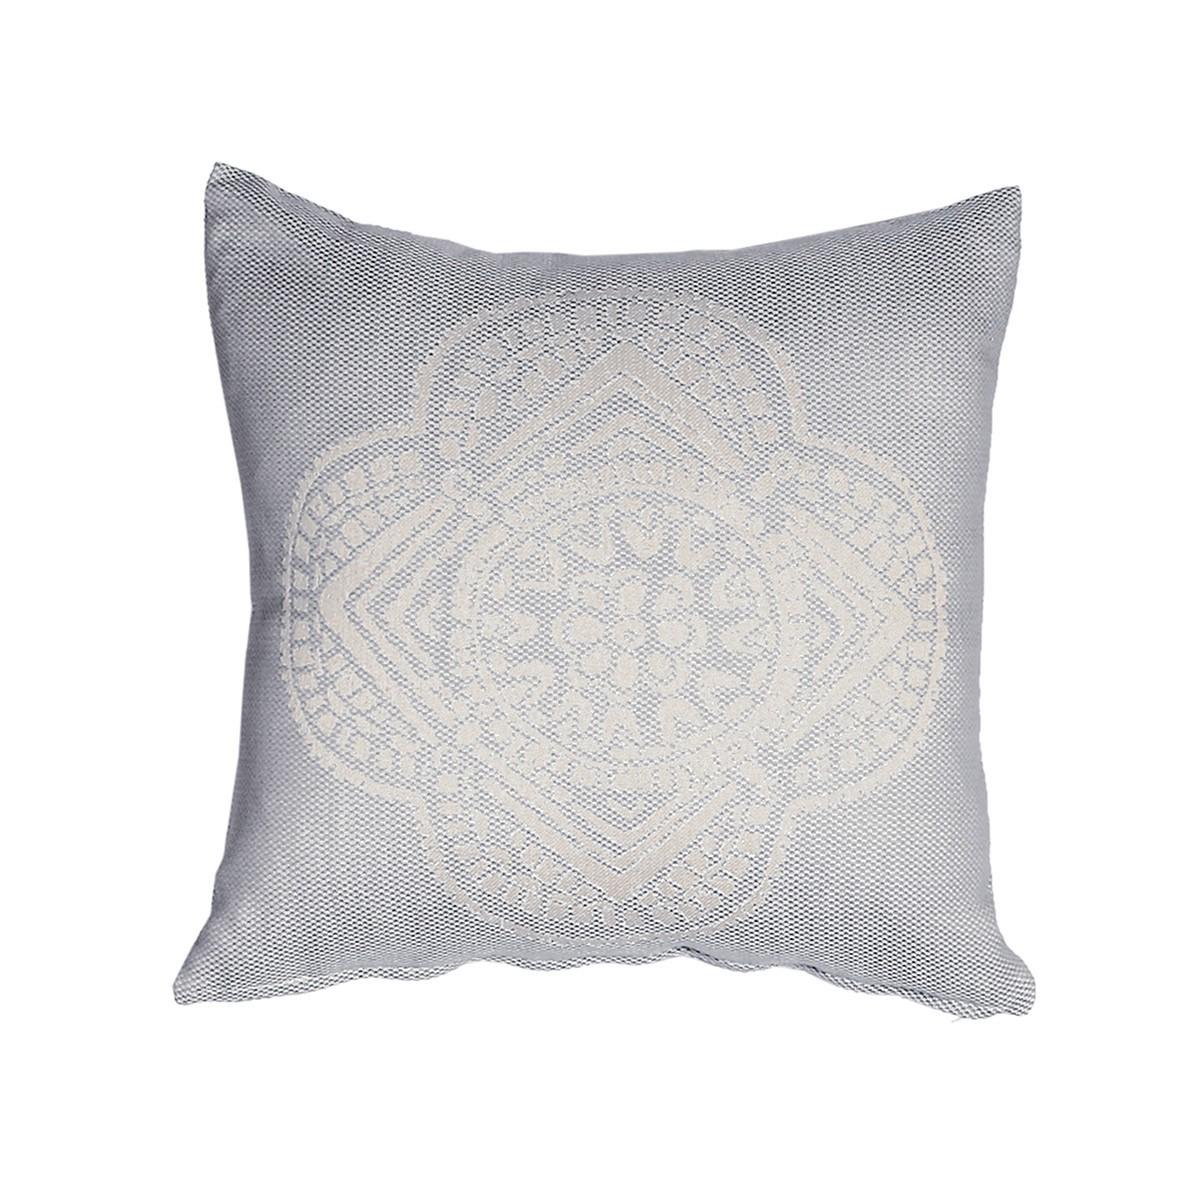 Διακοσμητικό Μαξιλάρι Nef-Nef Vellore Grey 88968